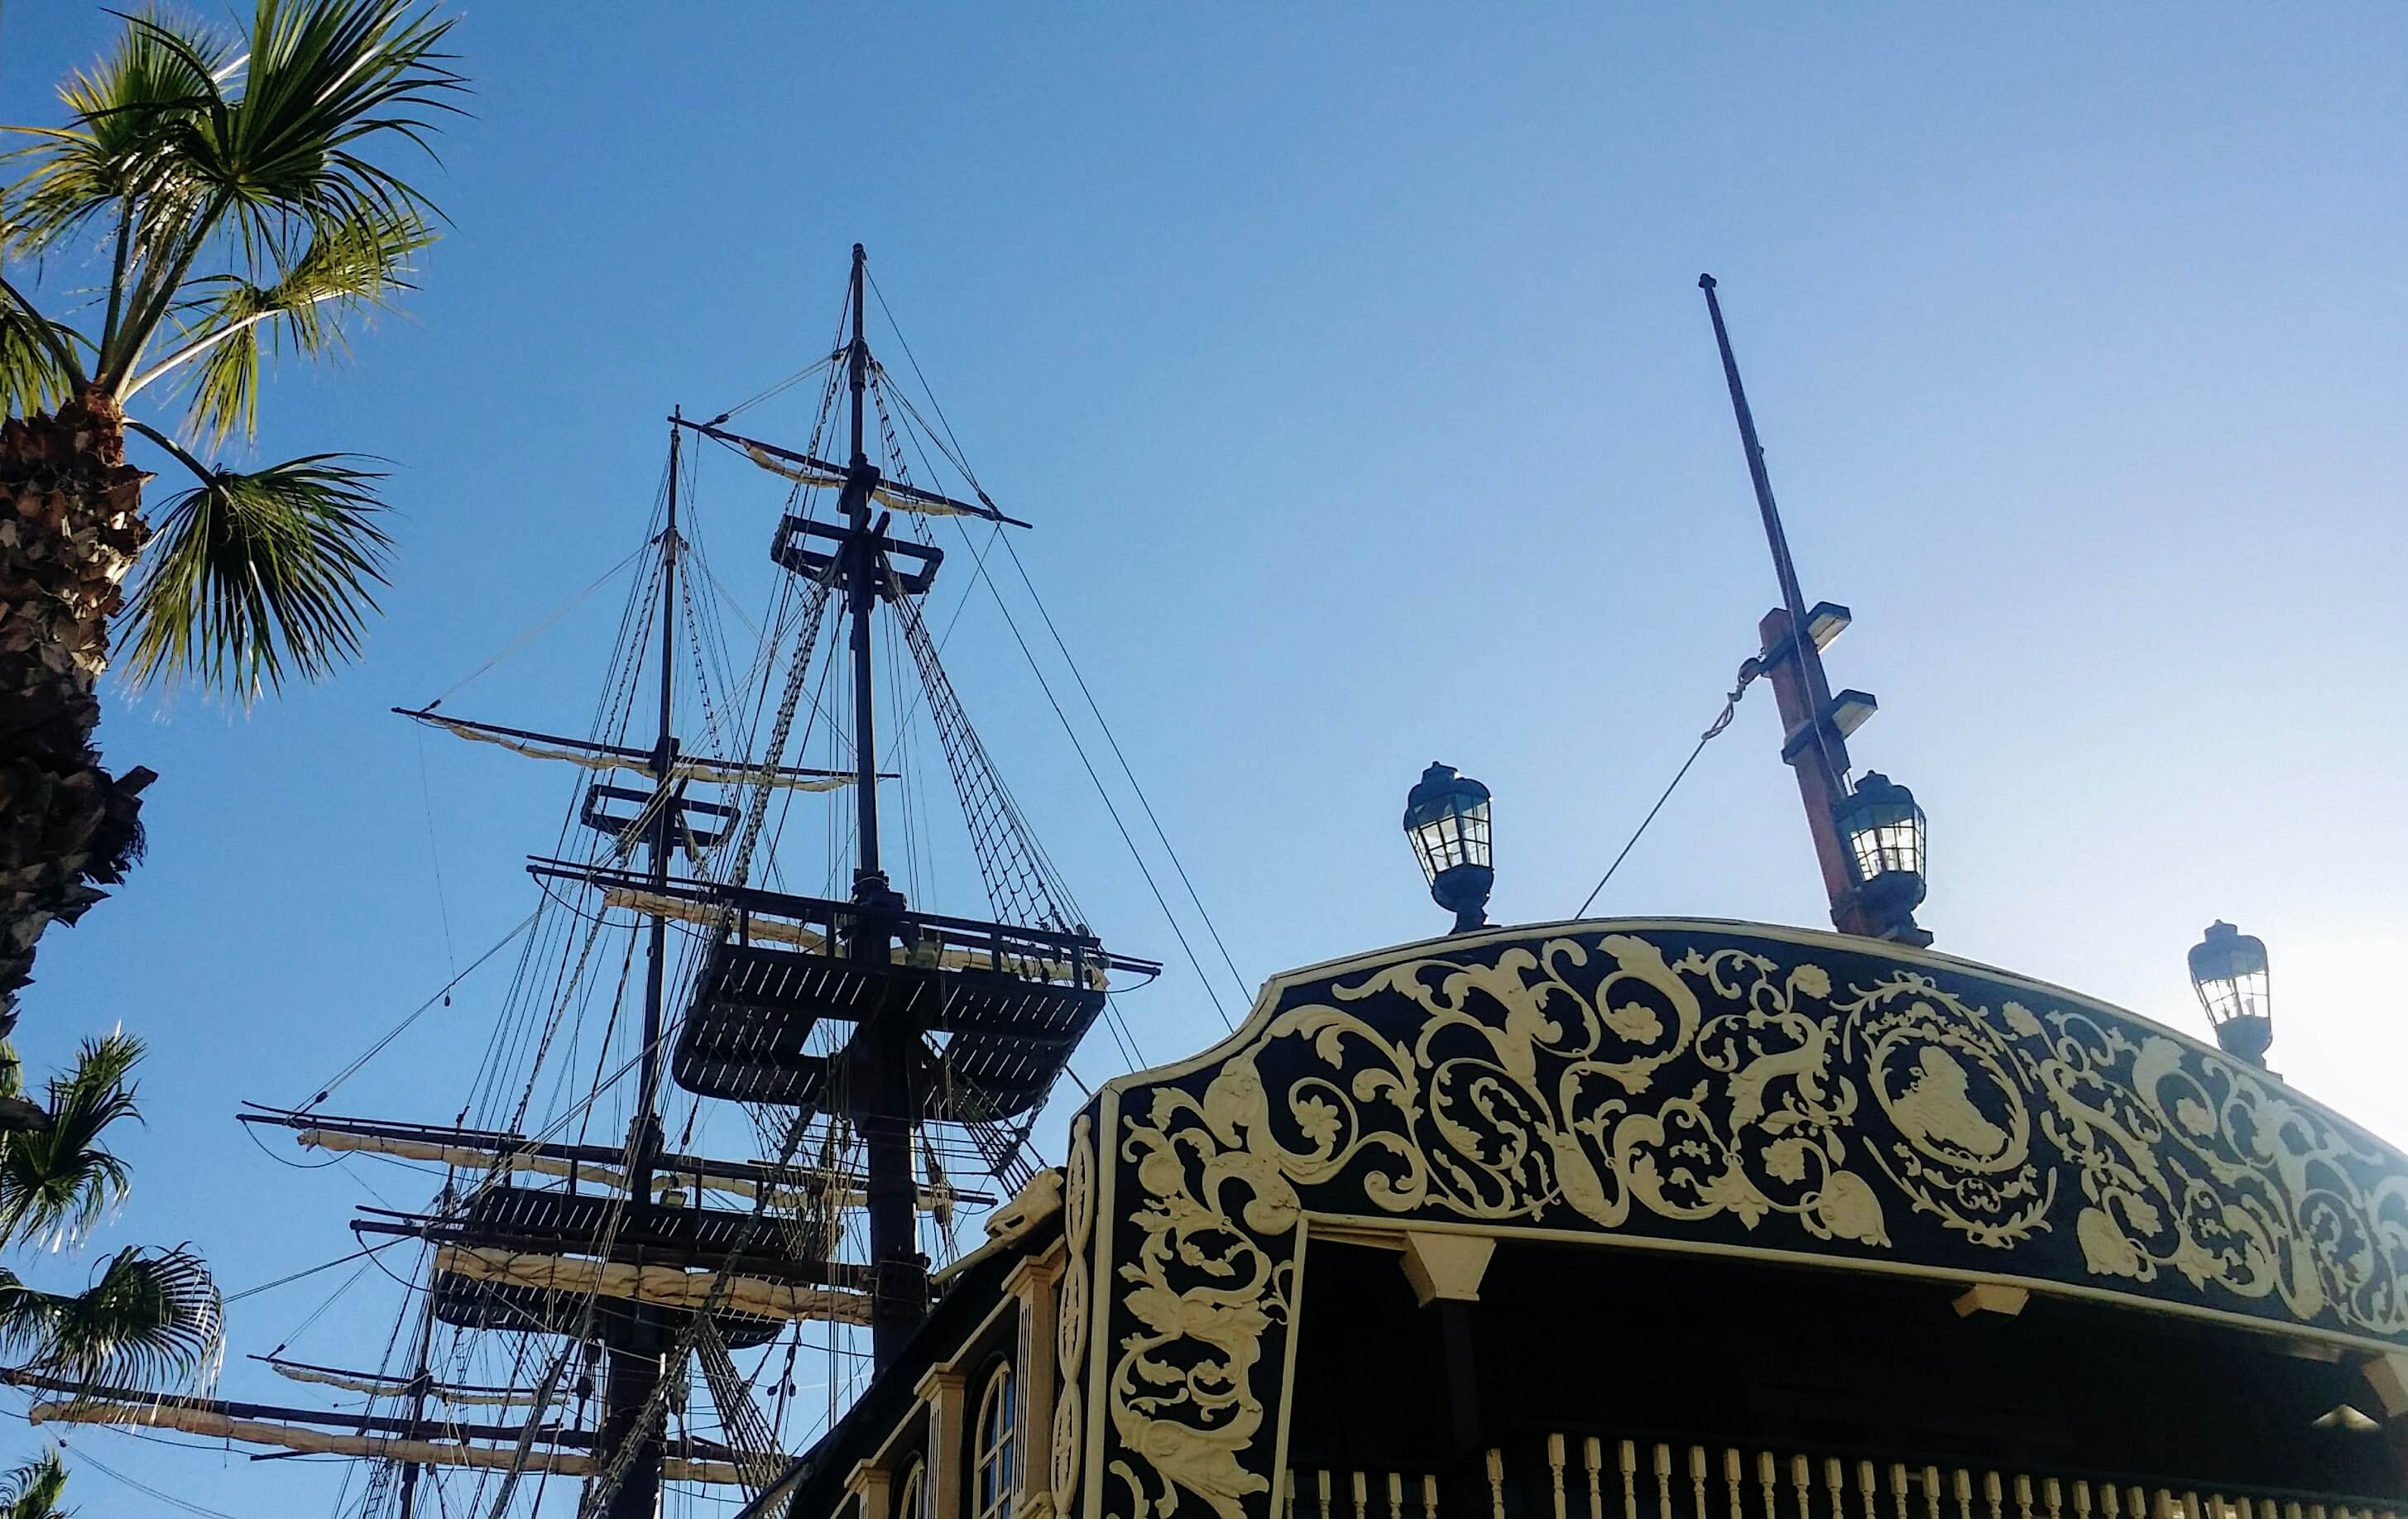 Restaurant Segelschiff im Hafen Alicante